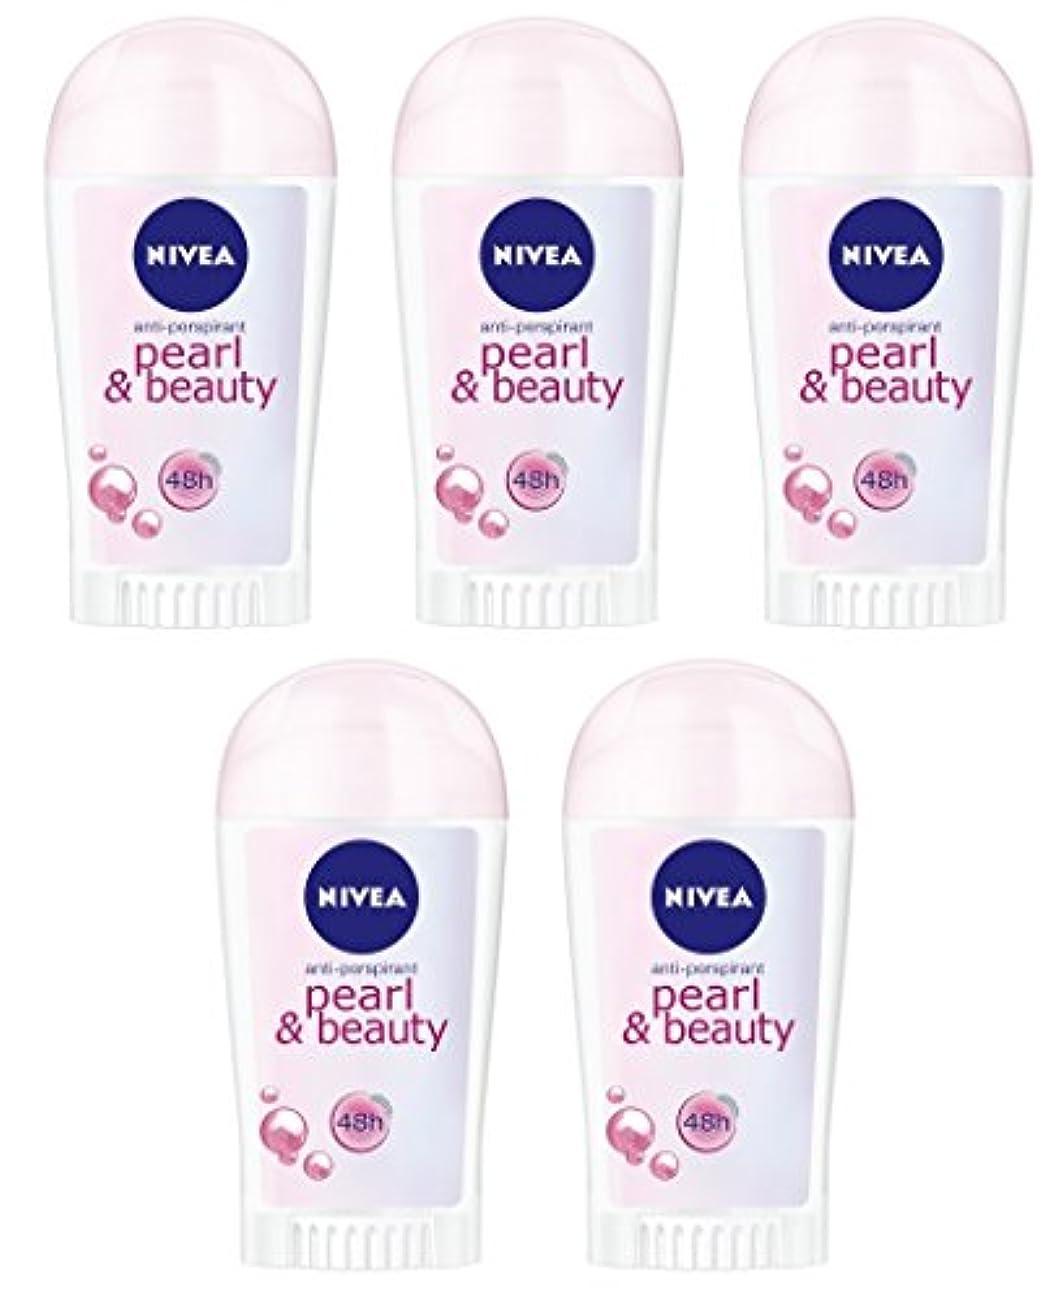 数字スイッチ意志(5パック) ニベアパールそしてビューティー制汗剤デオドラントスティック女性のための5x40ml - (Pack of 5) Nivea Pearl & Beauty Anti-perspirant Deodorant...